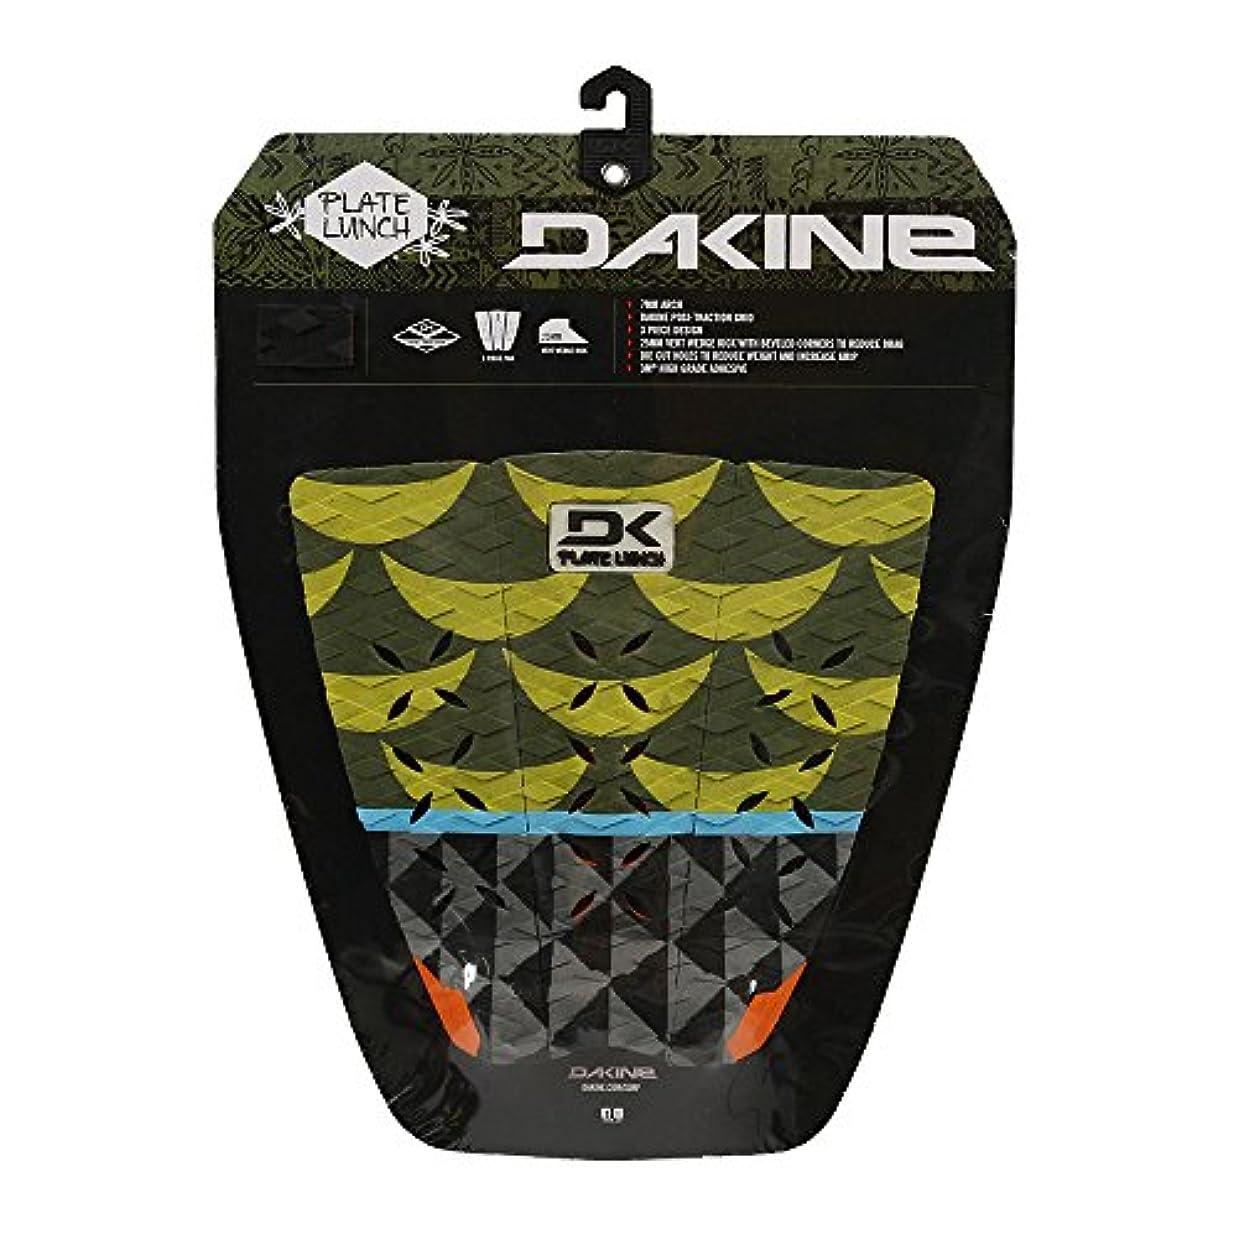 平らにするクリーム未接続2017 ダカイン デッキパッド DAKINE PLATE L PAD AH237-800 サーフィン デッキパッチ